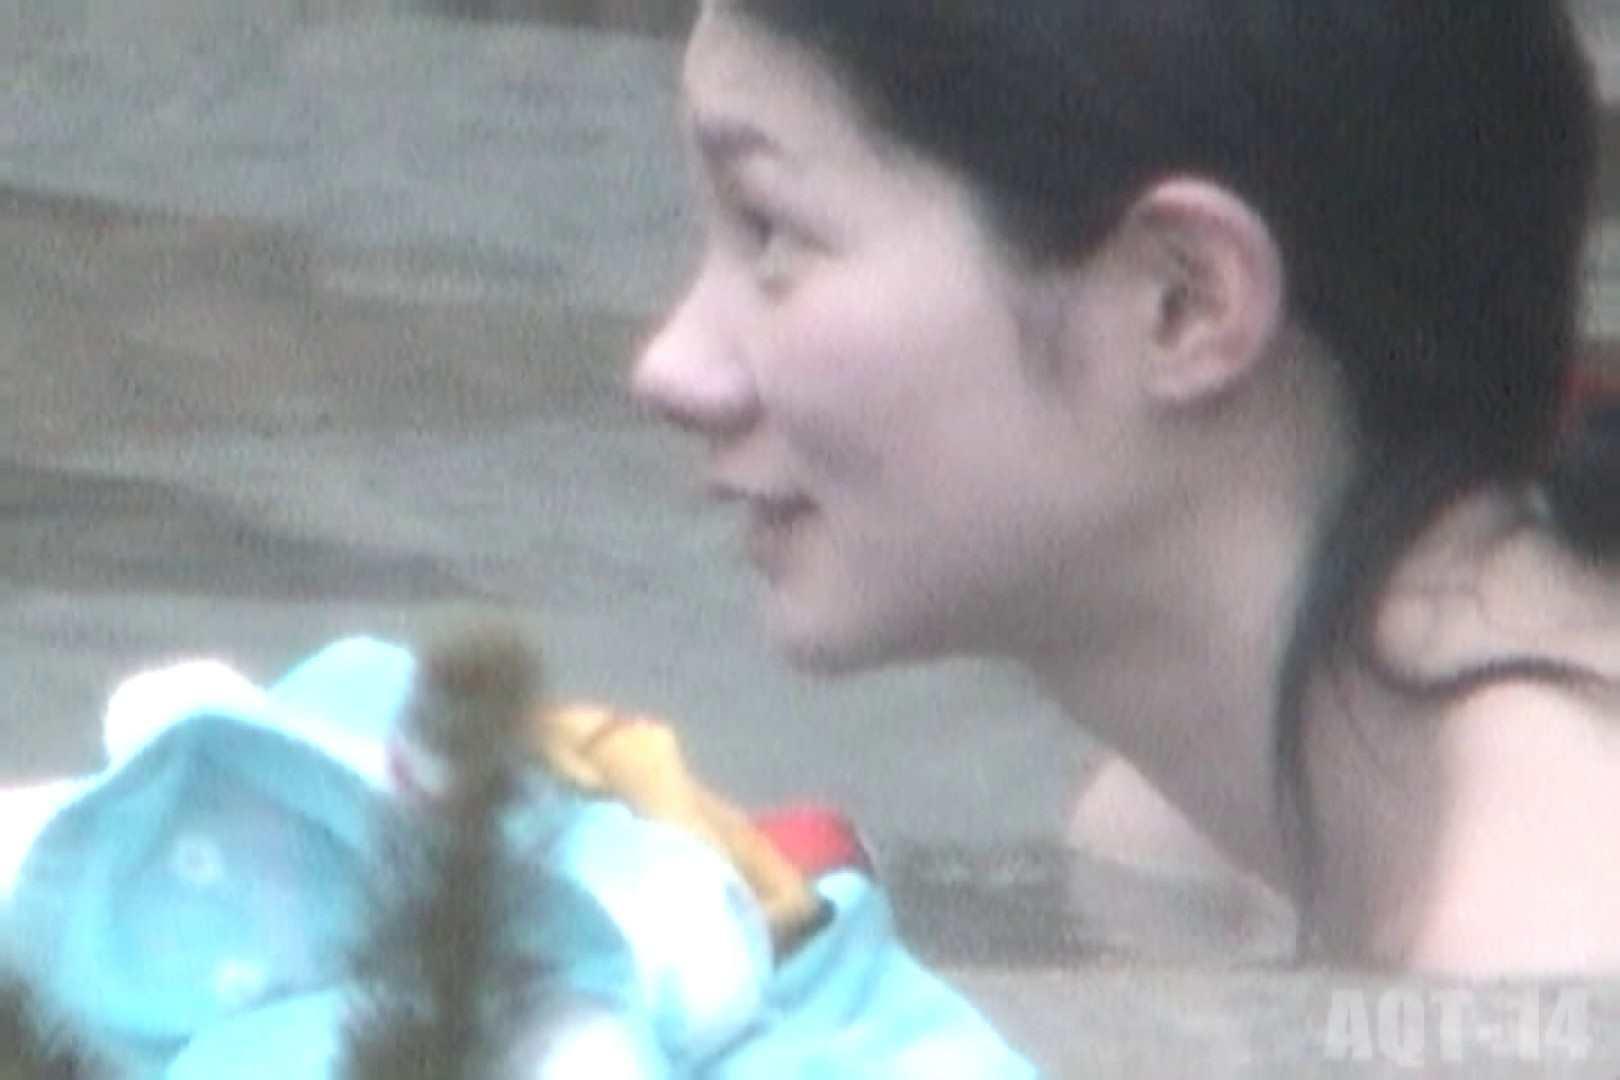 Aquaな露天風呂Vol.823 盗撮動画 | 露天風呂  10枚 9